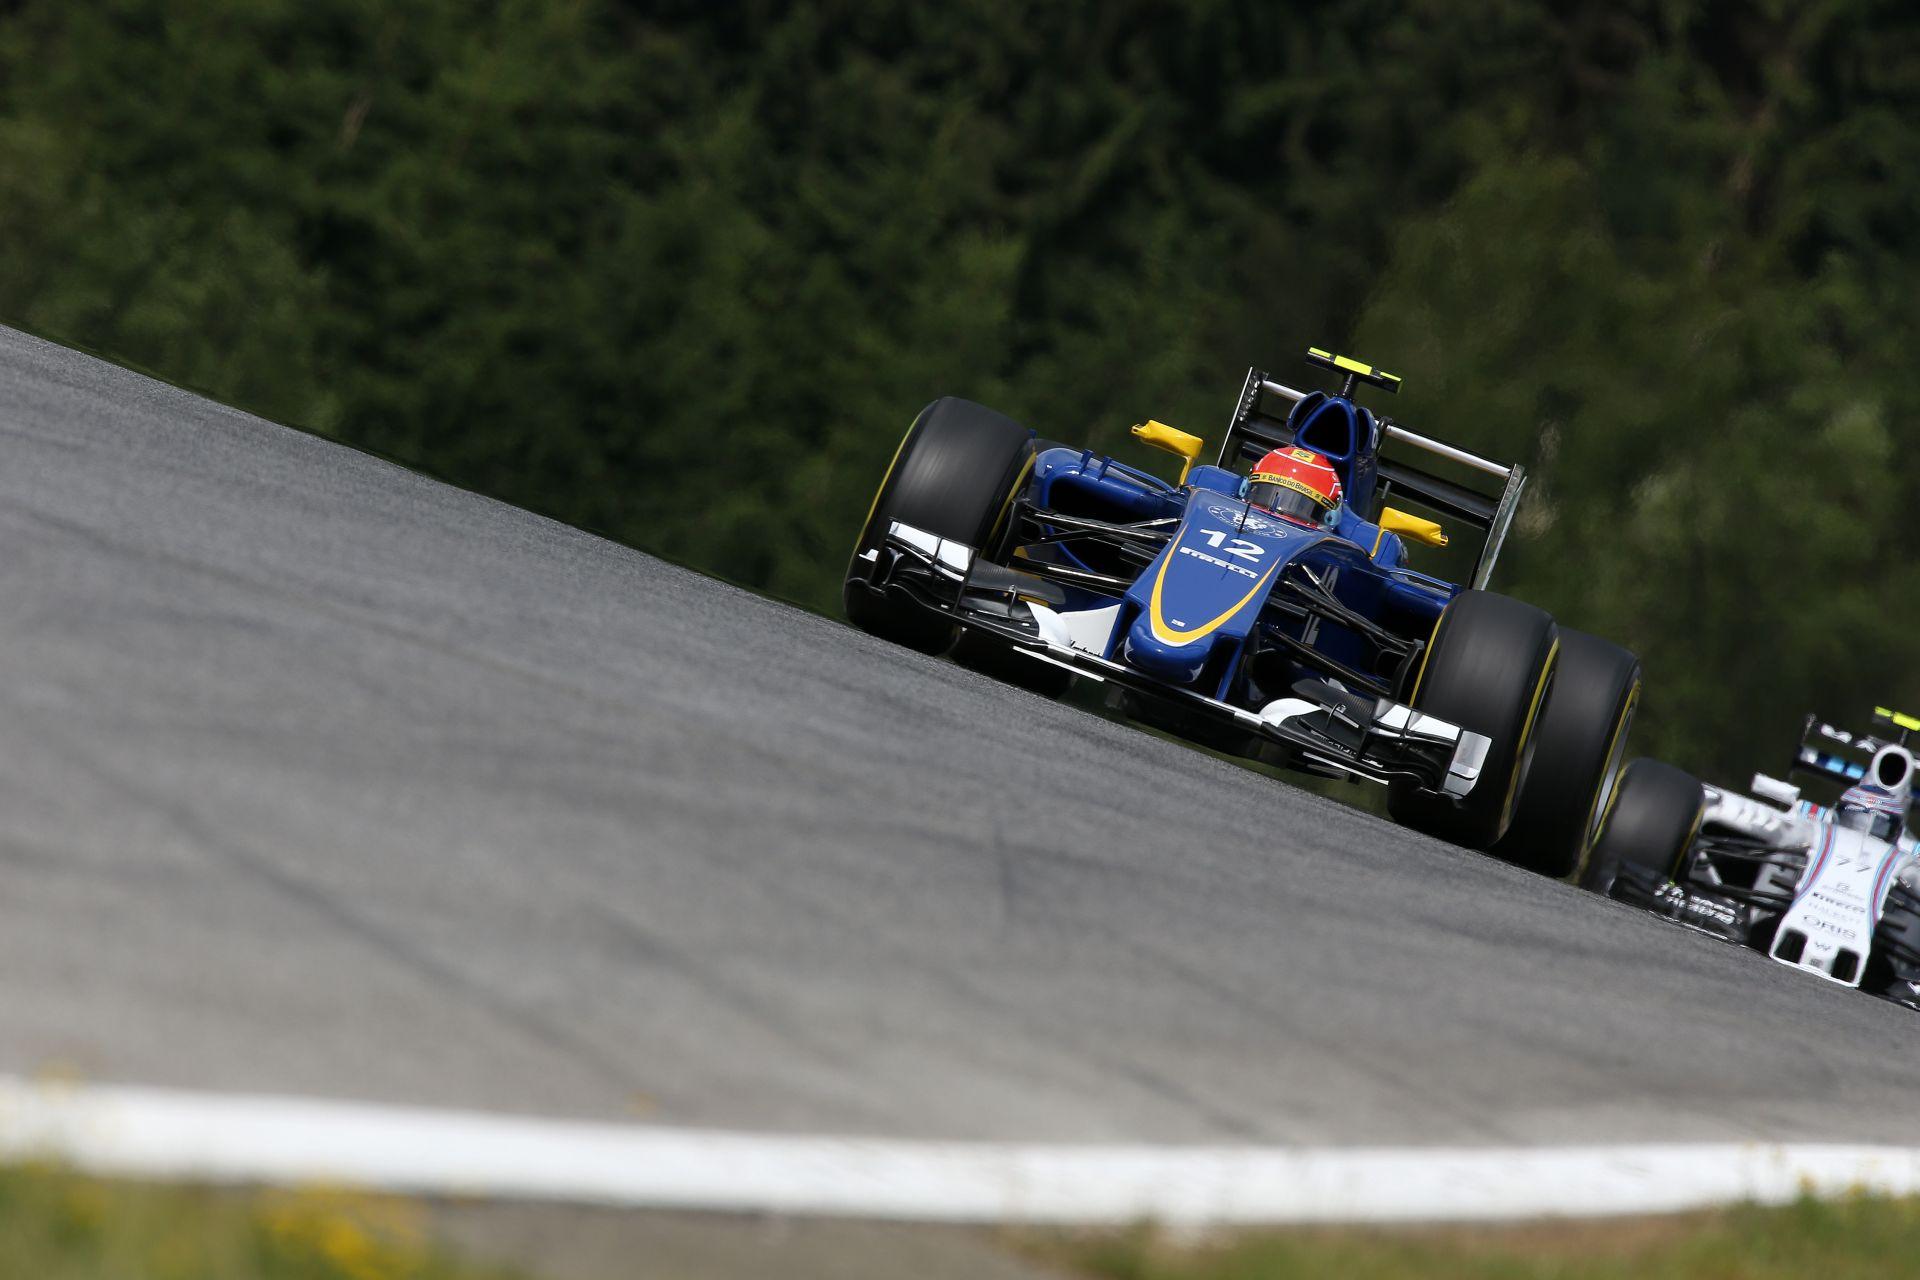 Ilyen egy kör egy modern F1-es autóval a néhai A1-Ringen